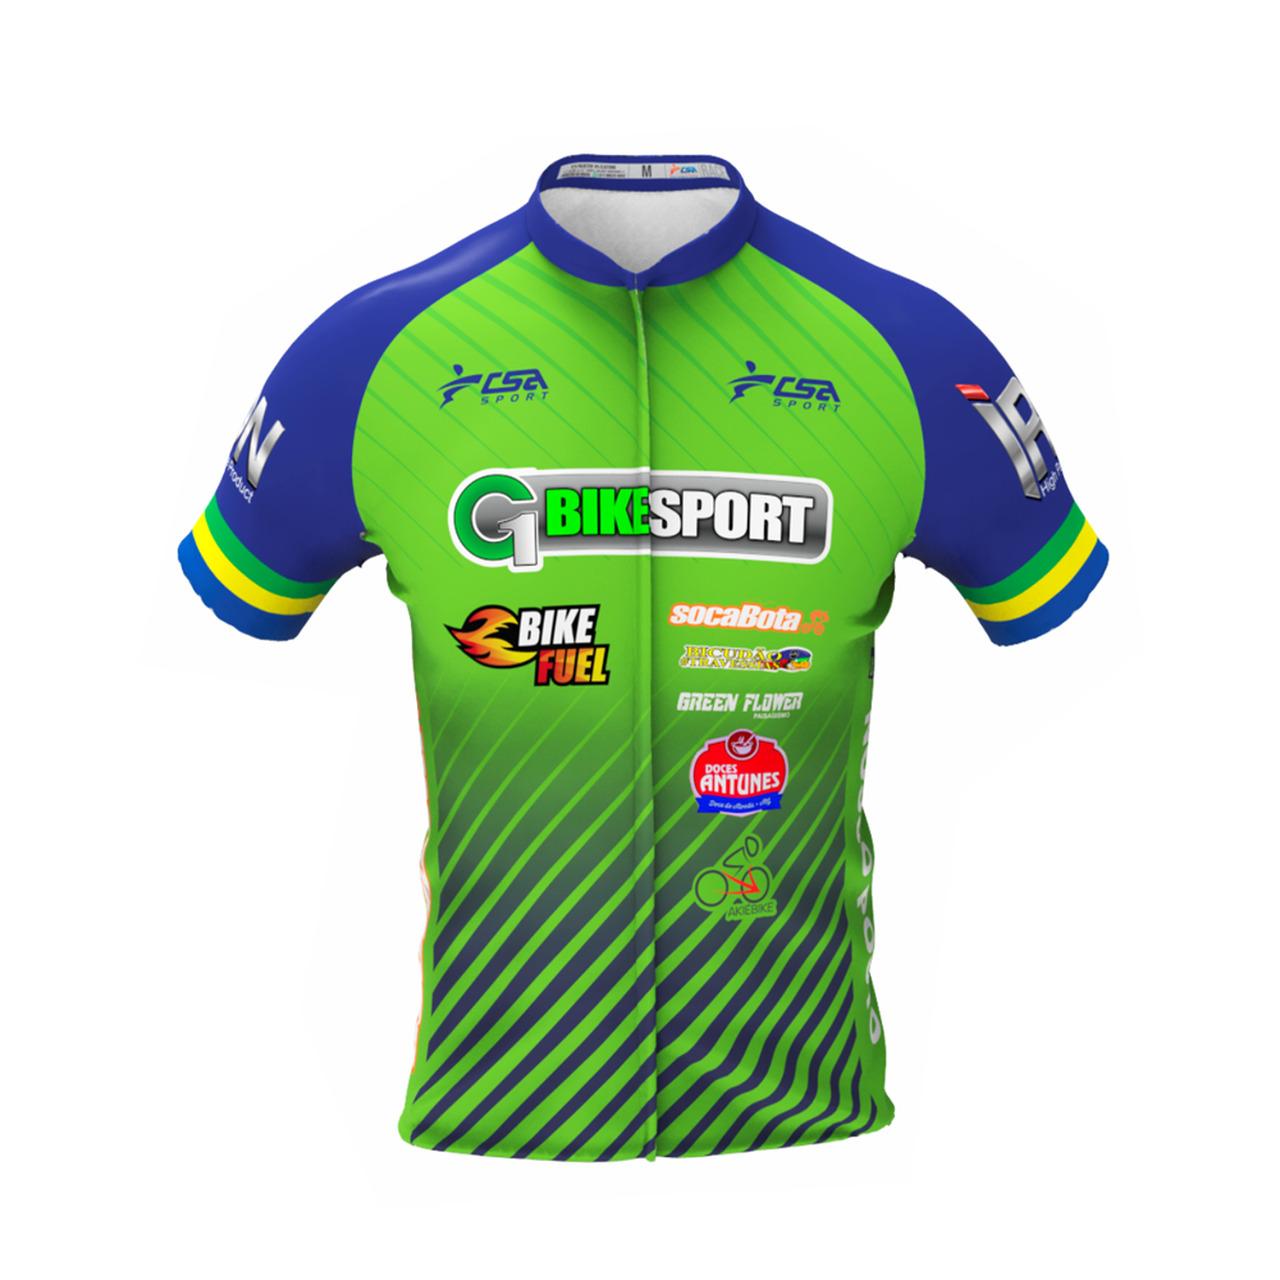 Camisa Personalizada G1 Bike Sport - Mostruário CSA Sport